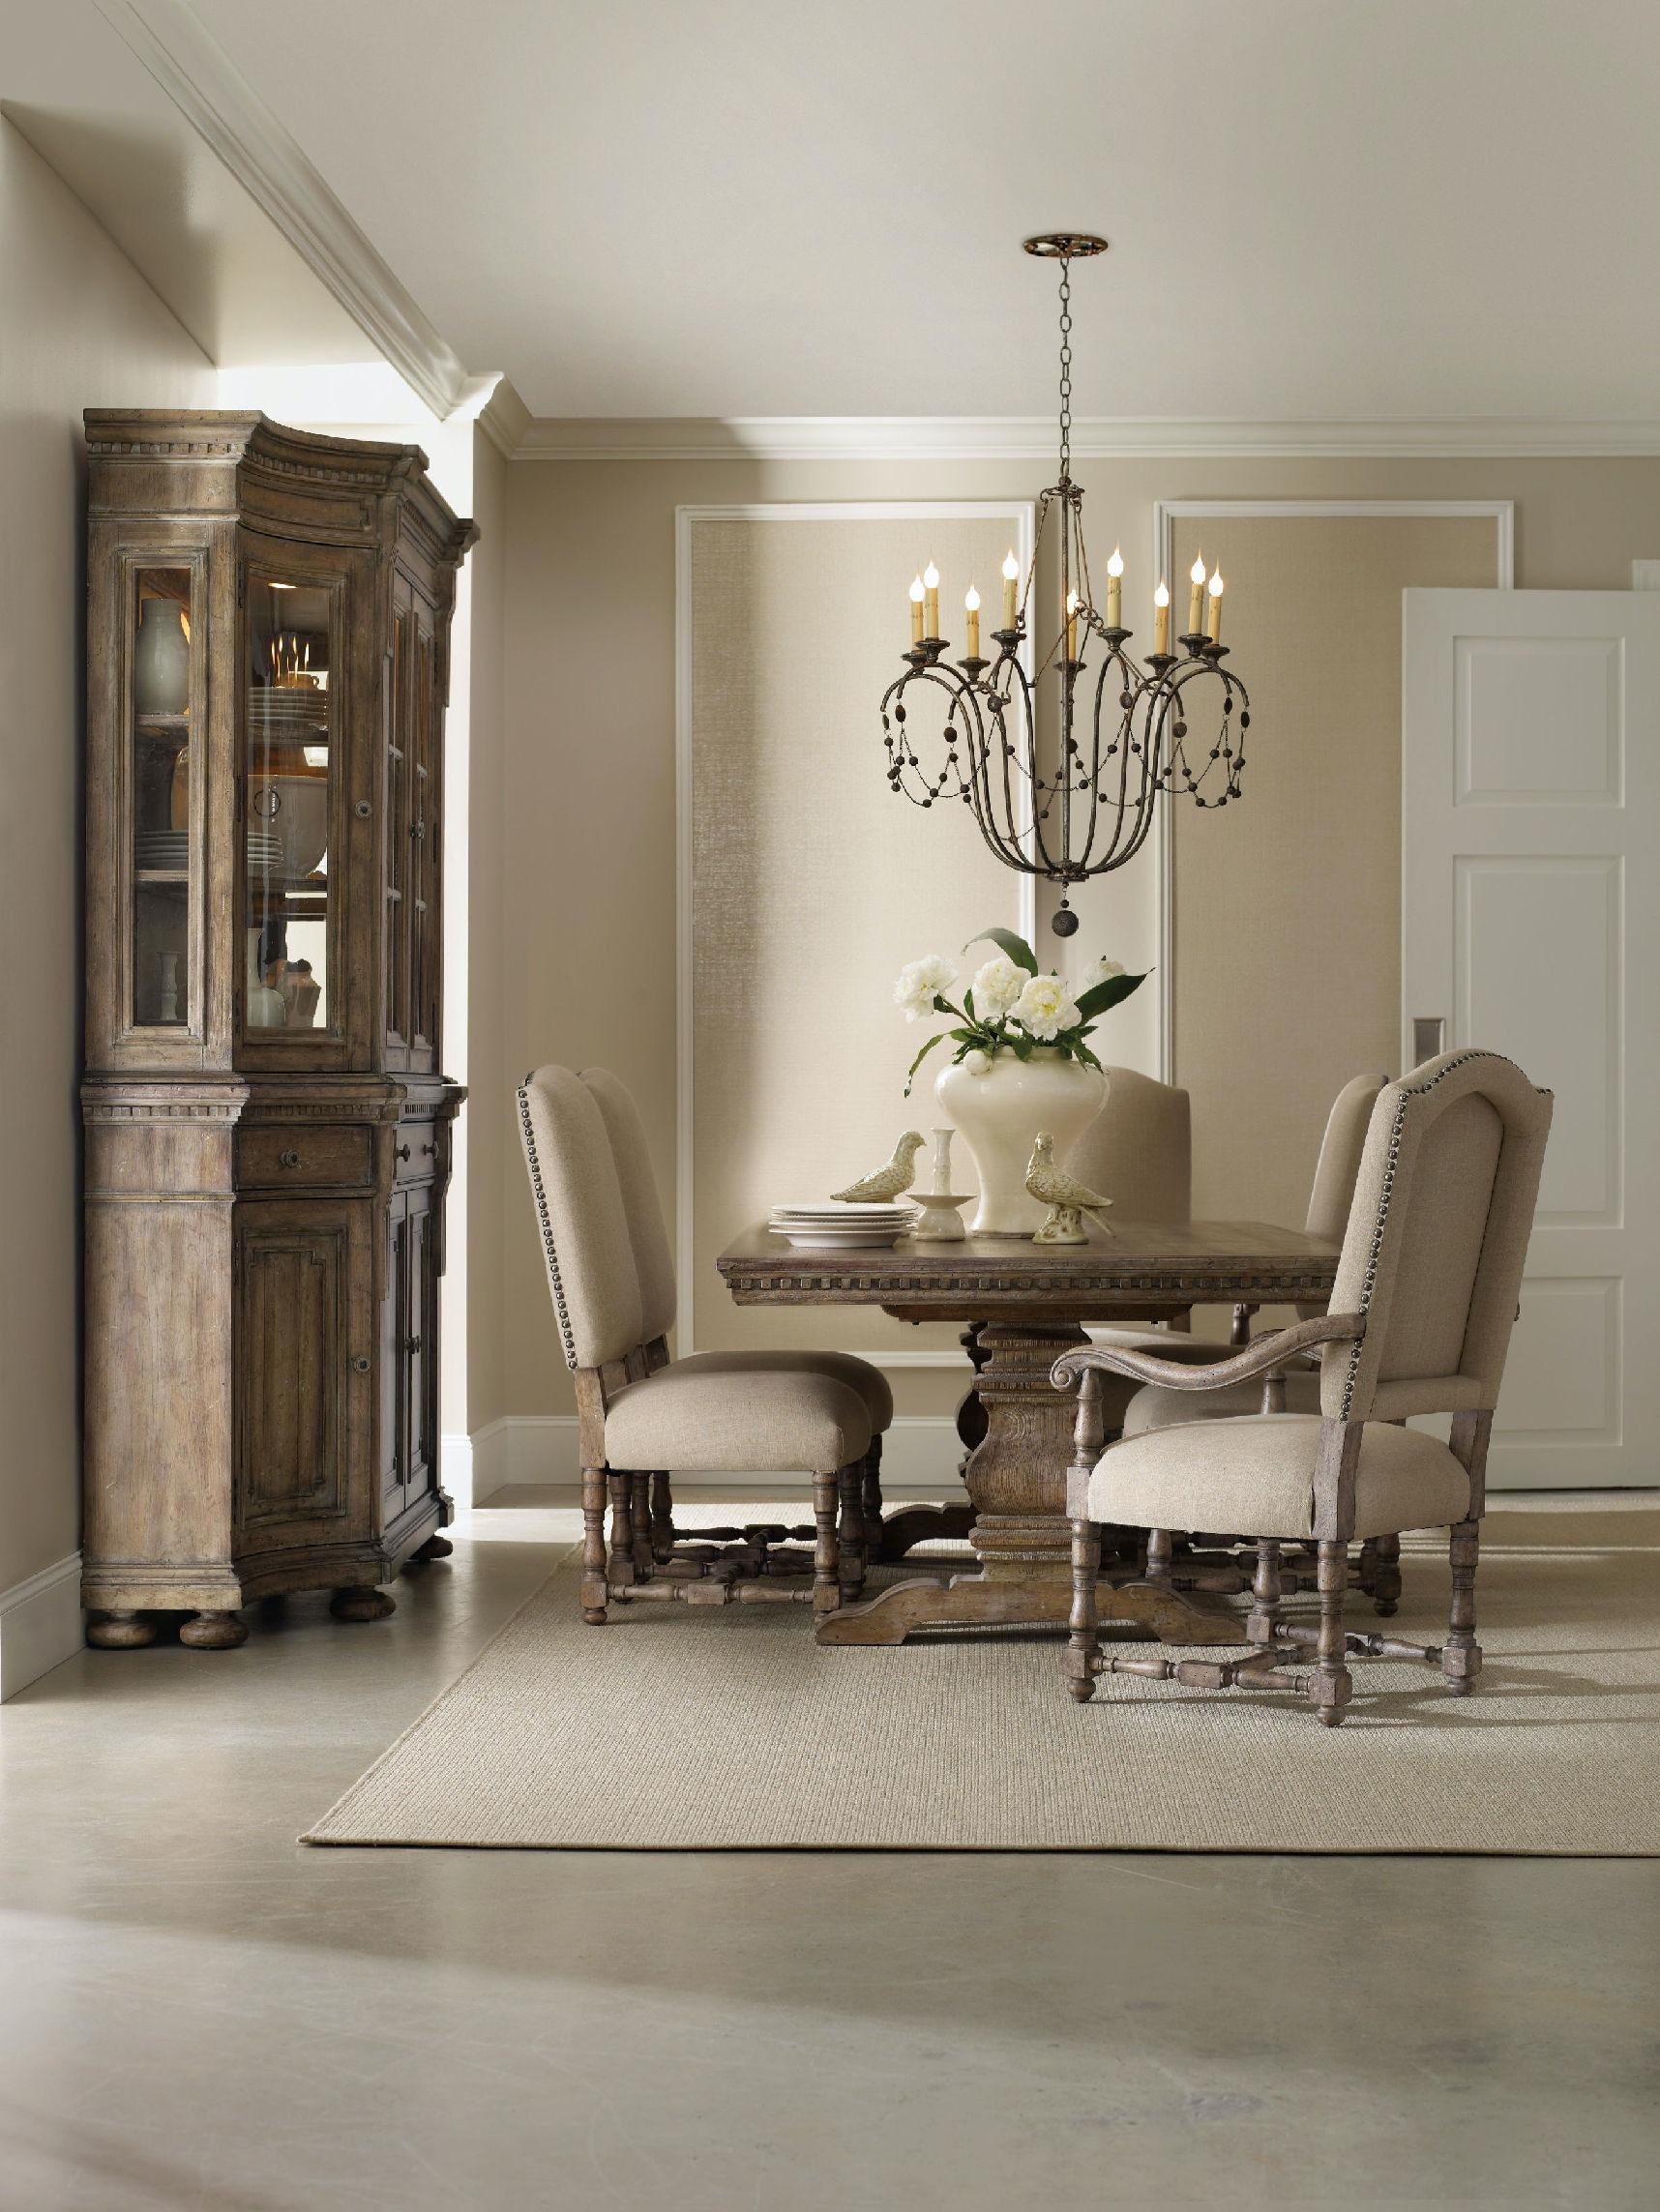 Hooker Furniture Dining Room Sorella Shaped Credenza 5107-85001